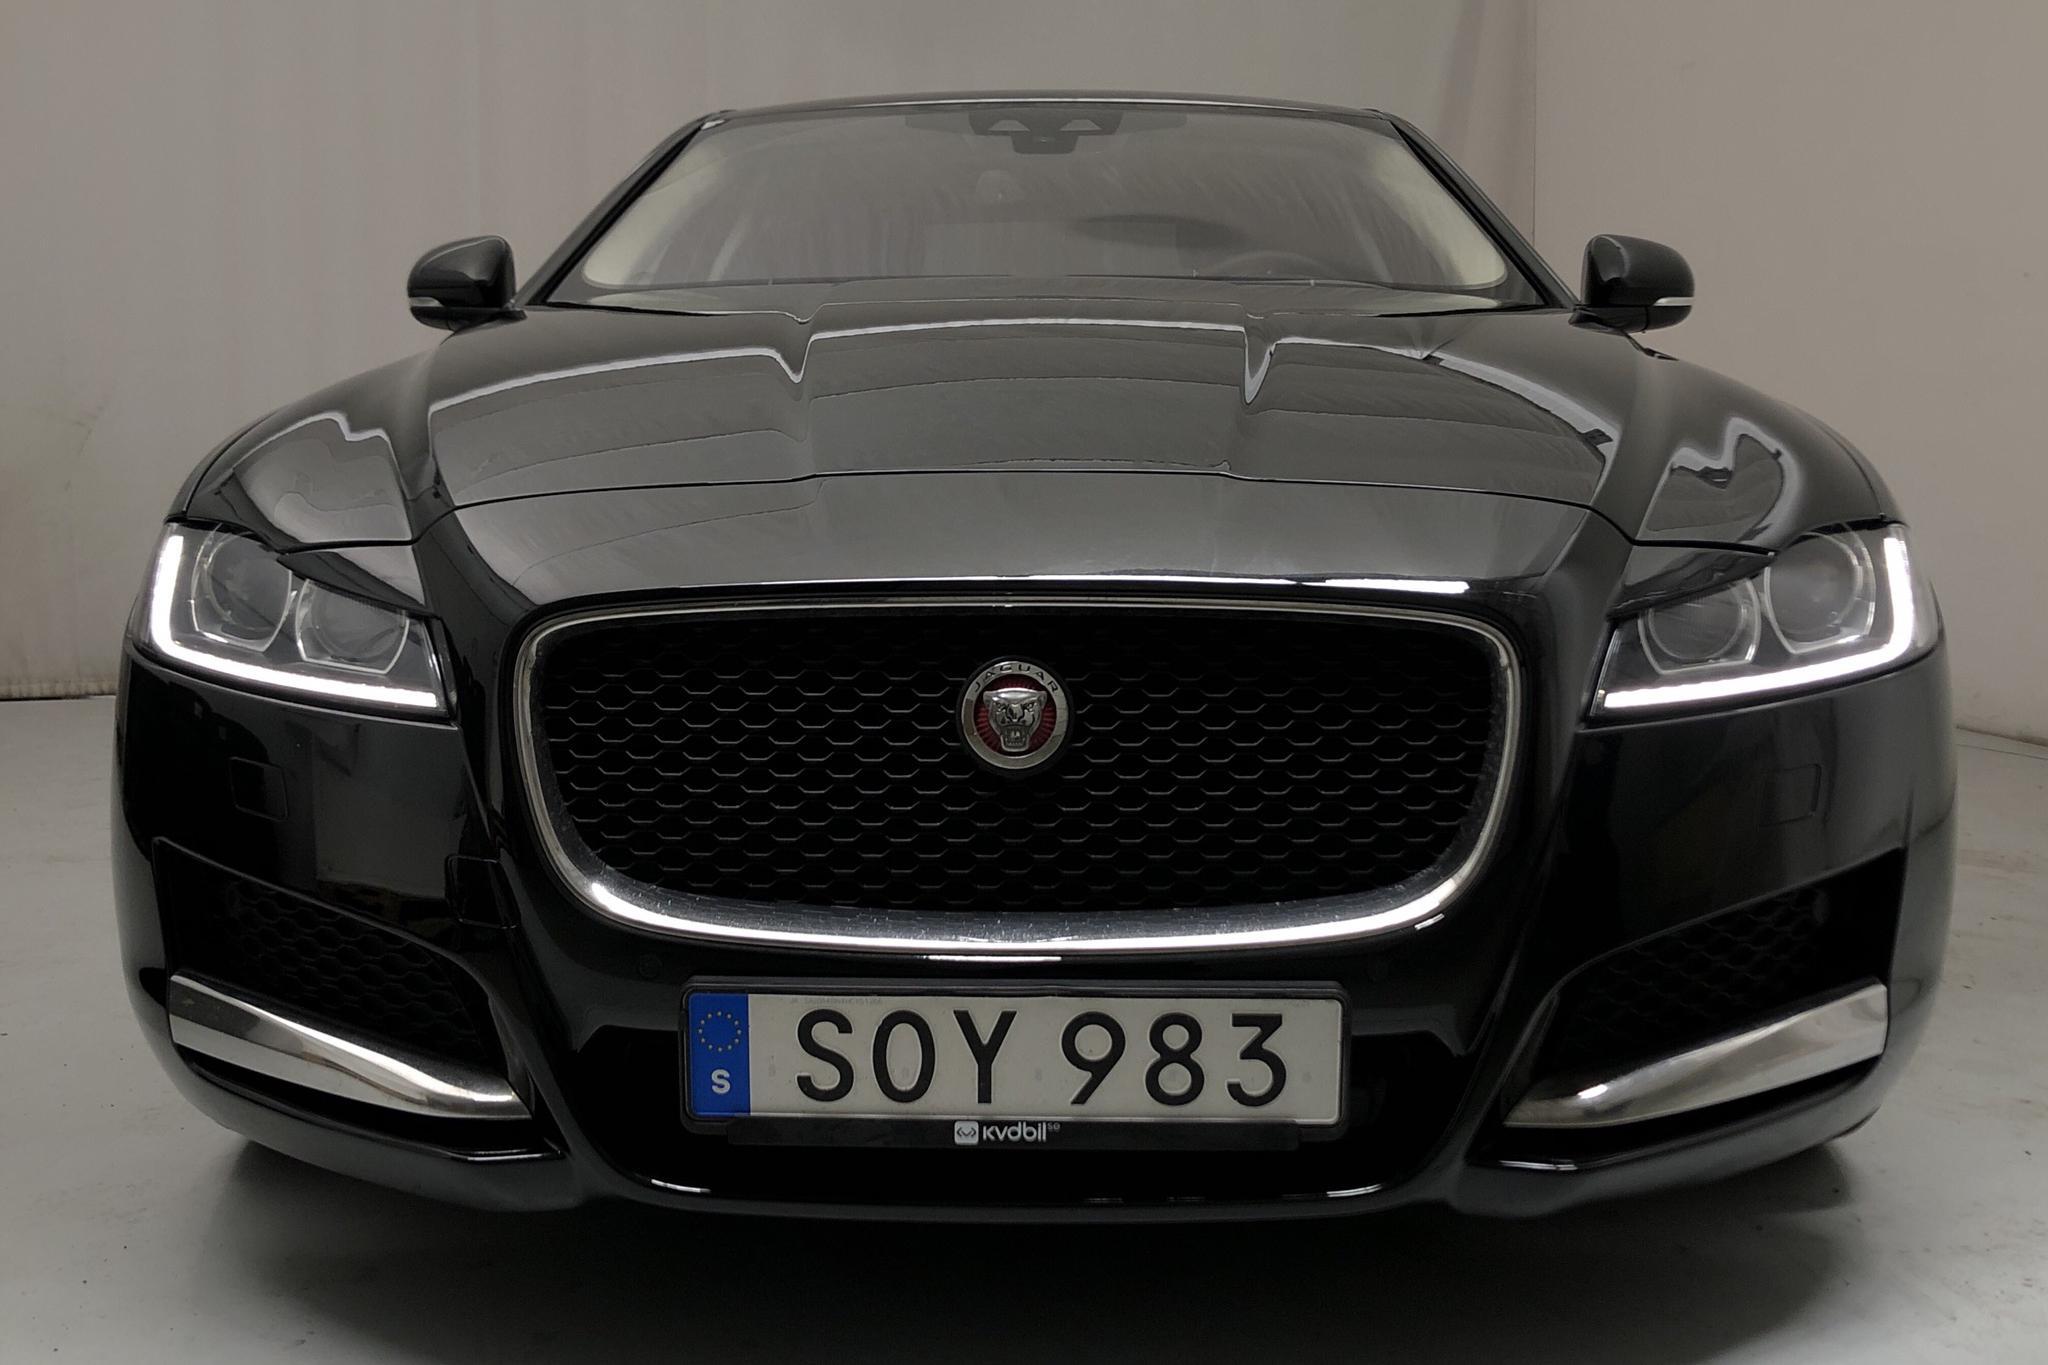 Jaguar XF 2.0D i4 Turbocharged AWD (180hk) - 7 523 mil - Automat - svart - 2017